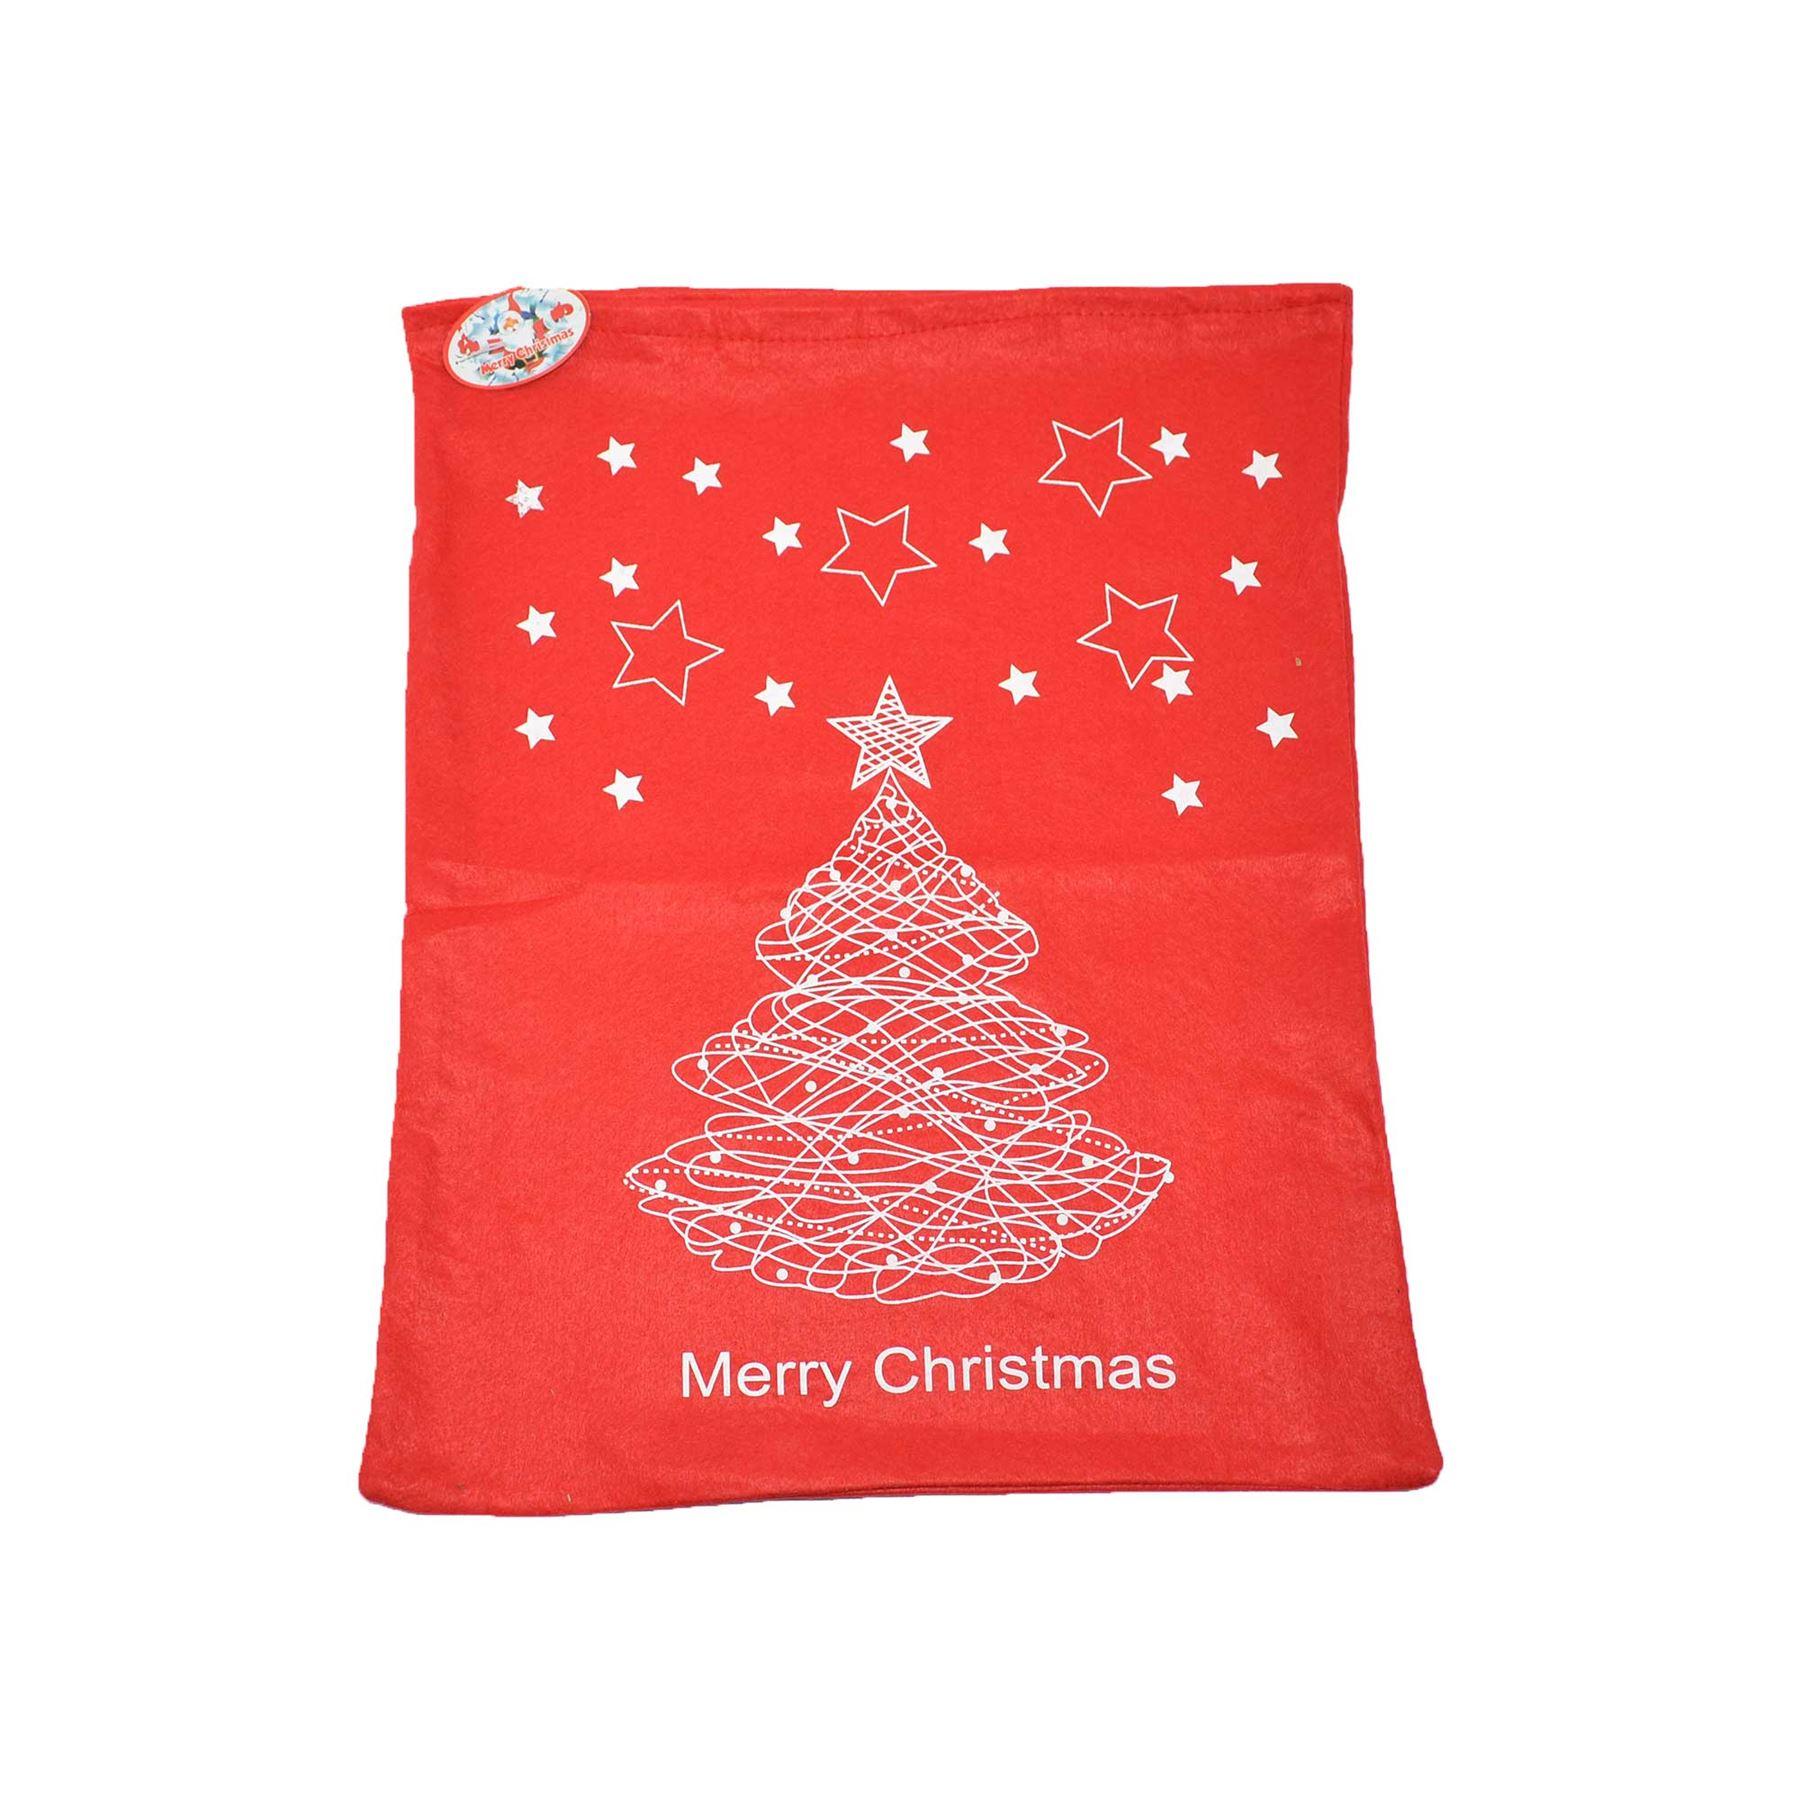 Feltro-Rosso-Buon-Natale-Babbo-Natale-Sacco-Grande-Calza-Natale-Regali-Regalo-Borse miniatura 4